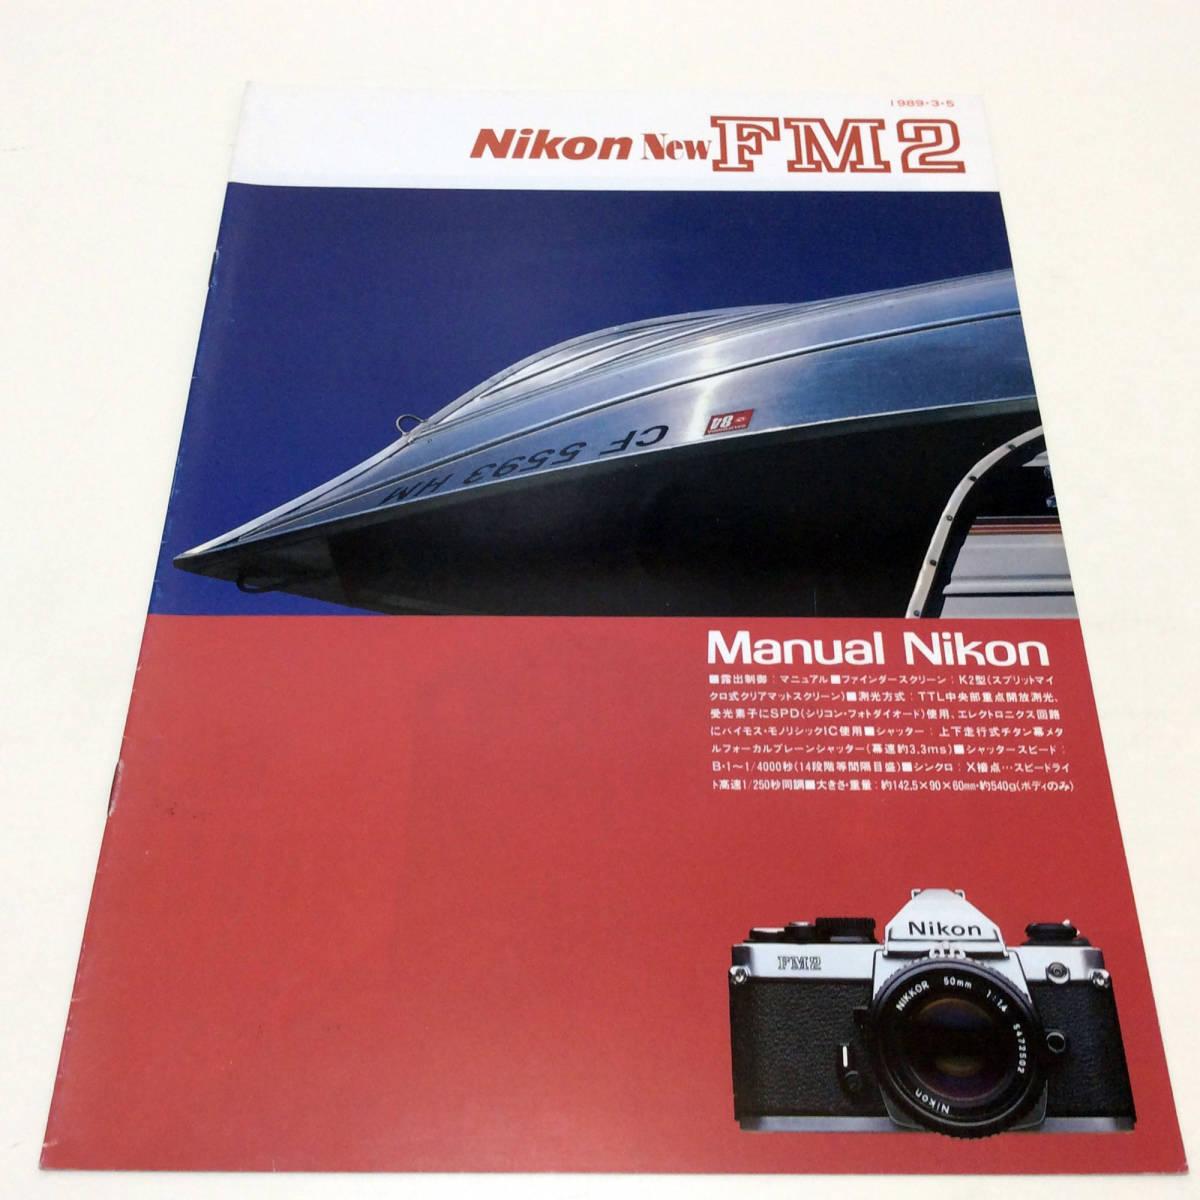 ニコン カタログ (F4形 89年版 A4-31頁、F3形 89年版 A4-24頁、FM2形 89年版 A4-10頁 計3部)_画像3